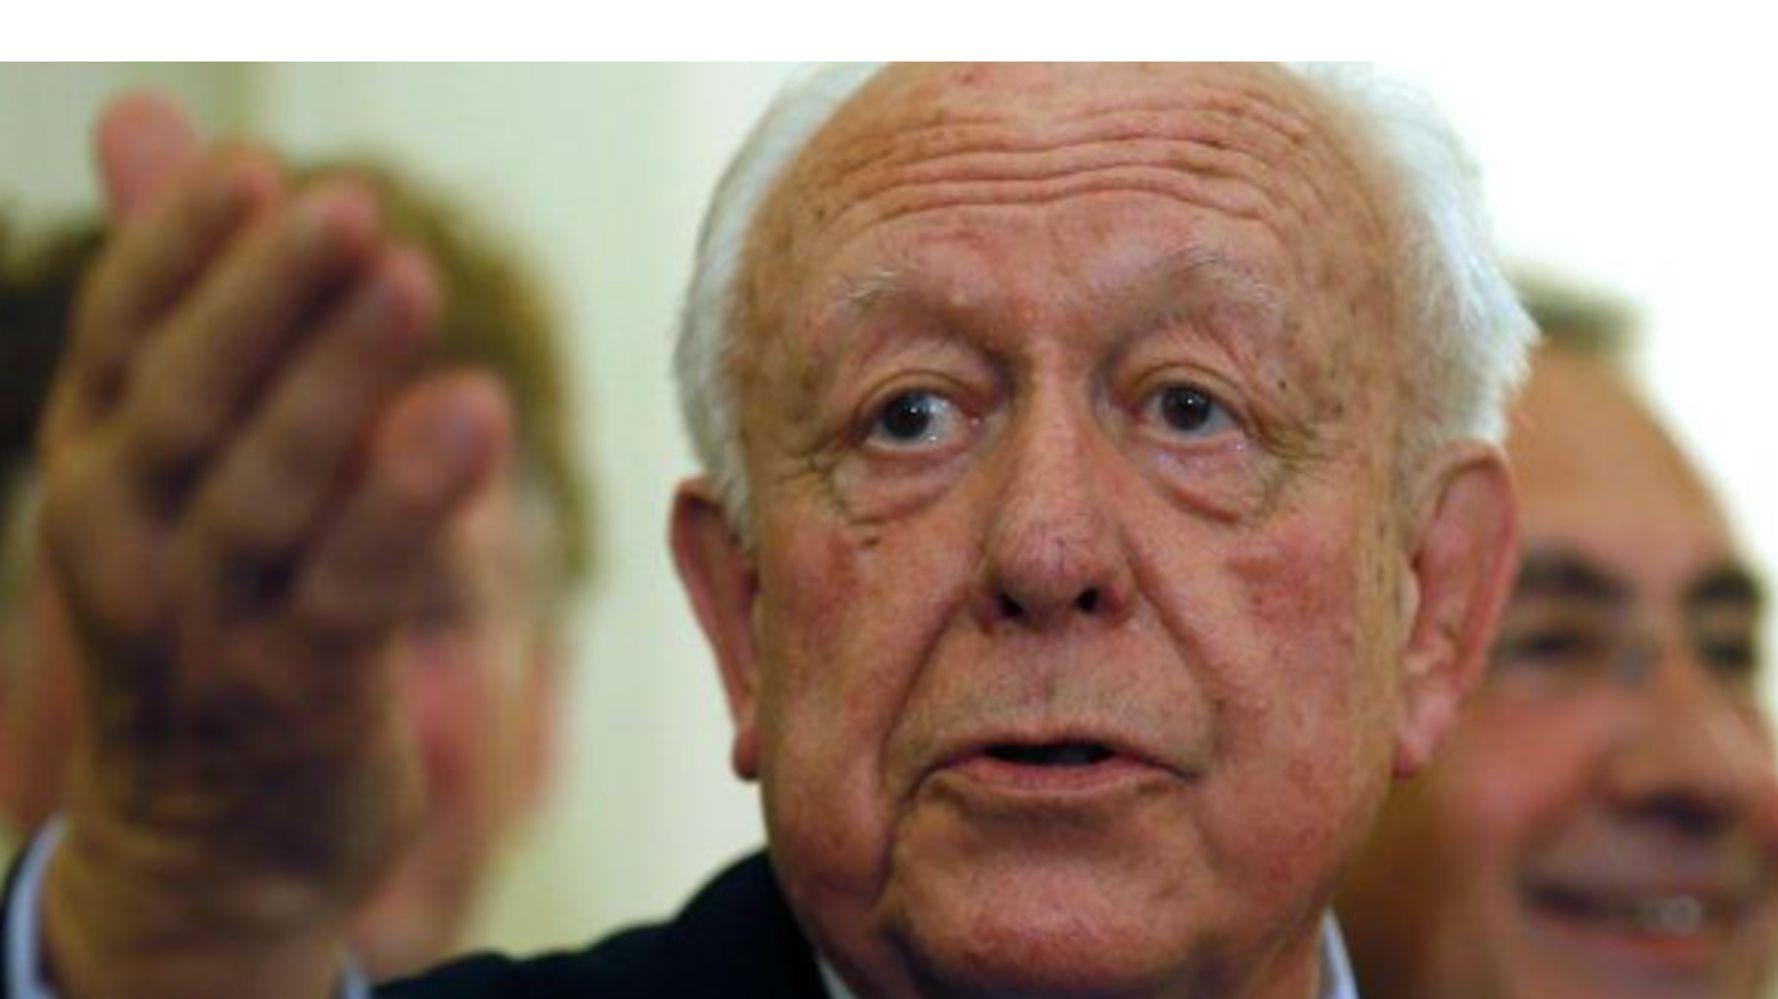 Le domicile de l'ex maire de Marseille Jean-Claude Gaudin perquisitionné